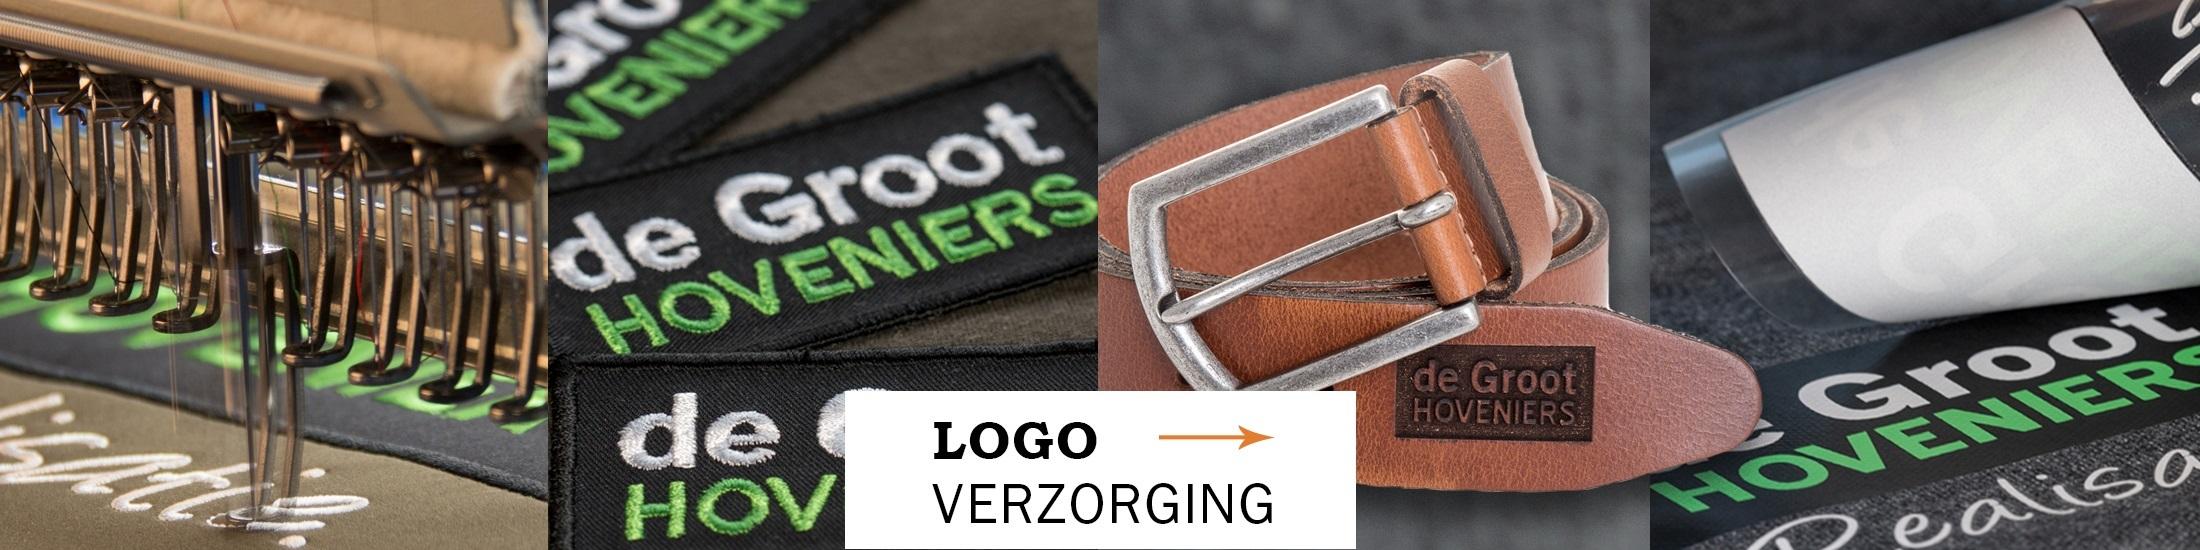 Logo verzorging